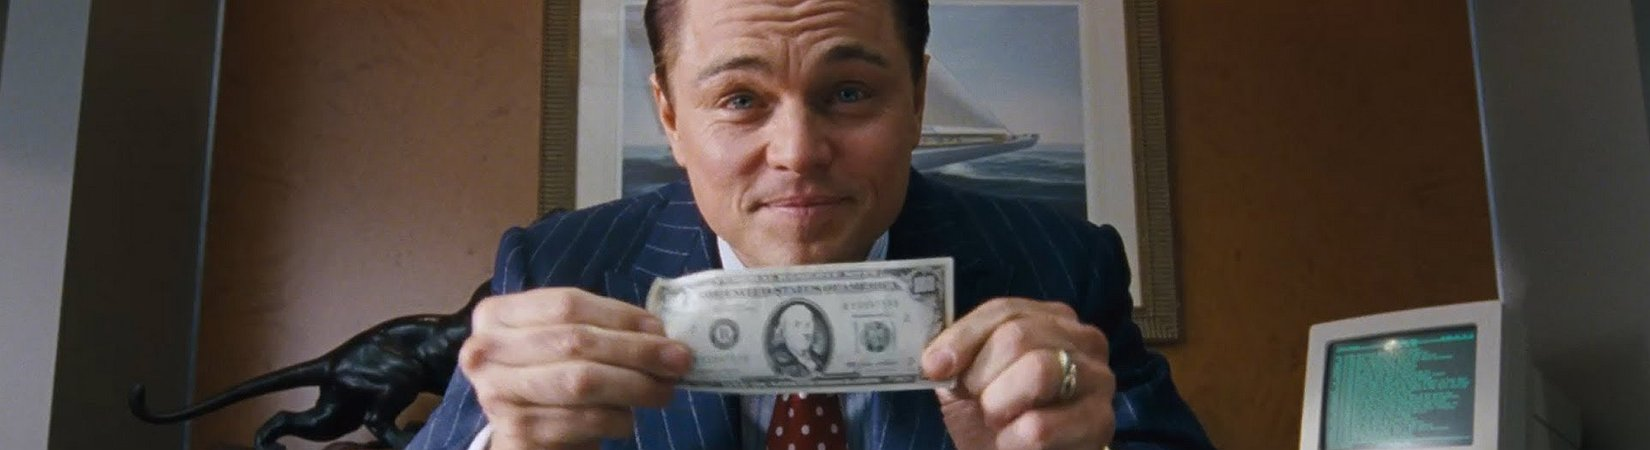 5 Empresas que triplicaram os fundos dos seus investidores em 10 anos